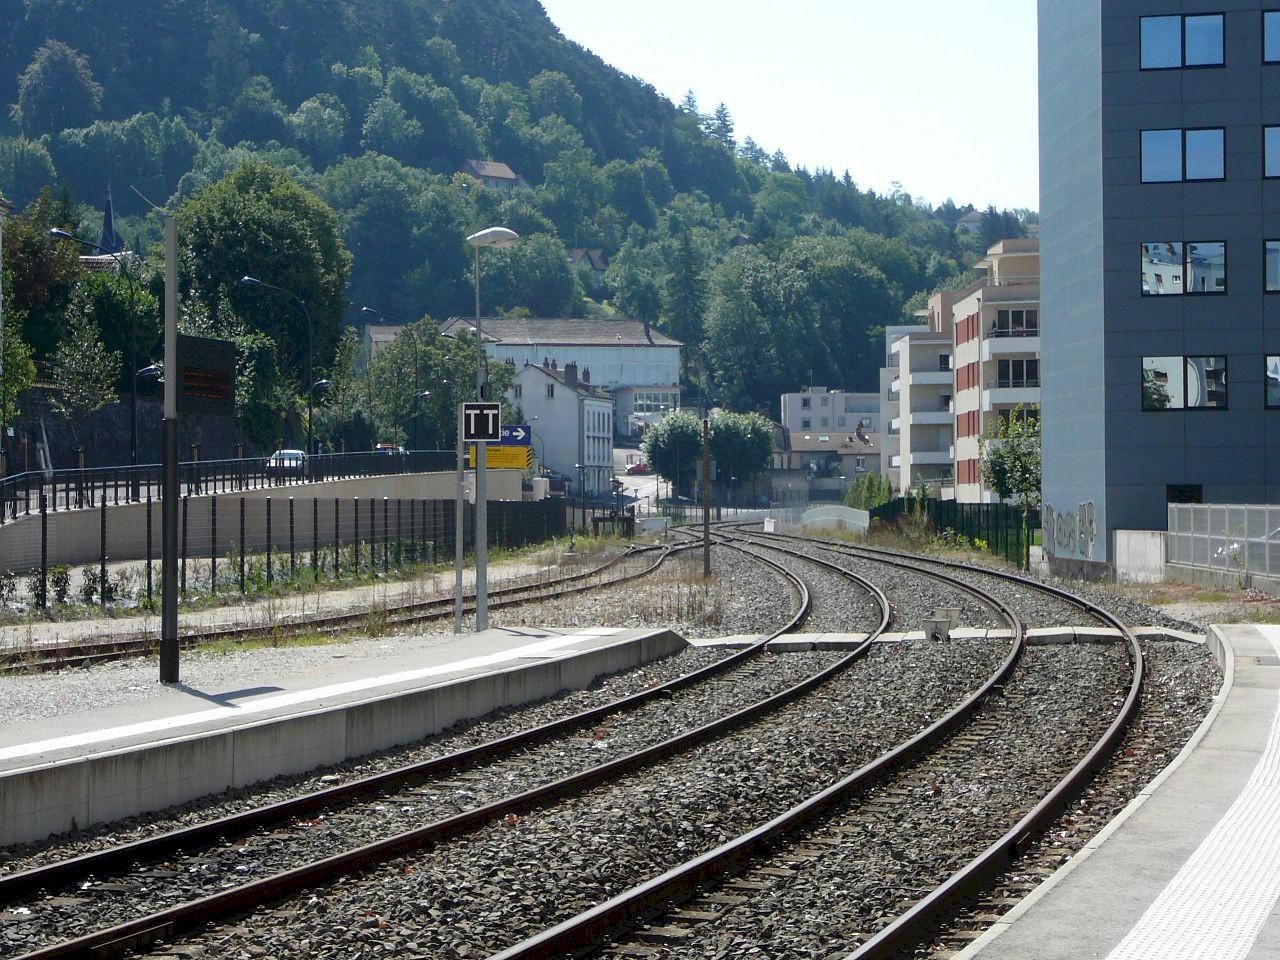 besancon-mouillere-train-station